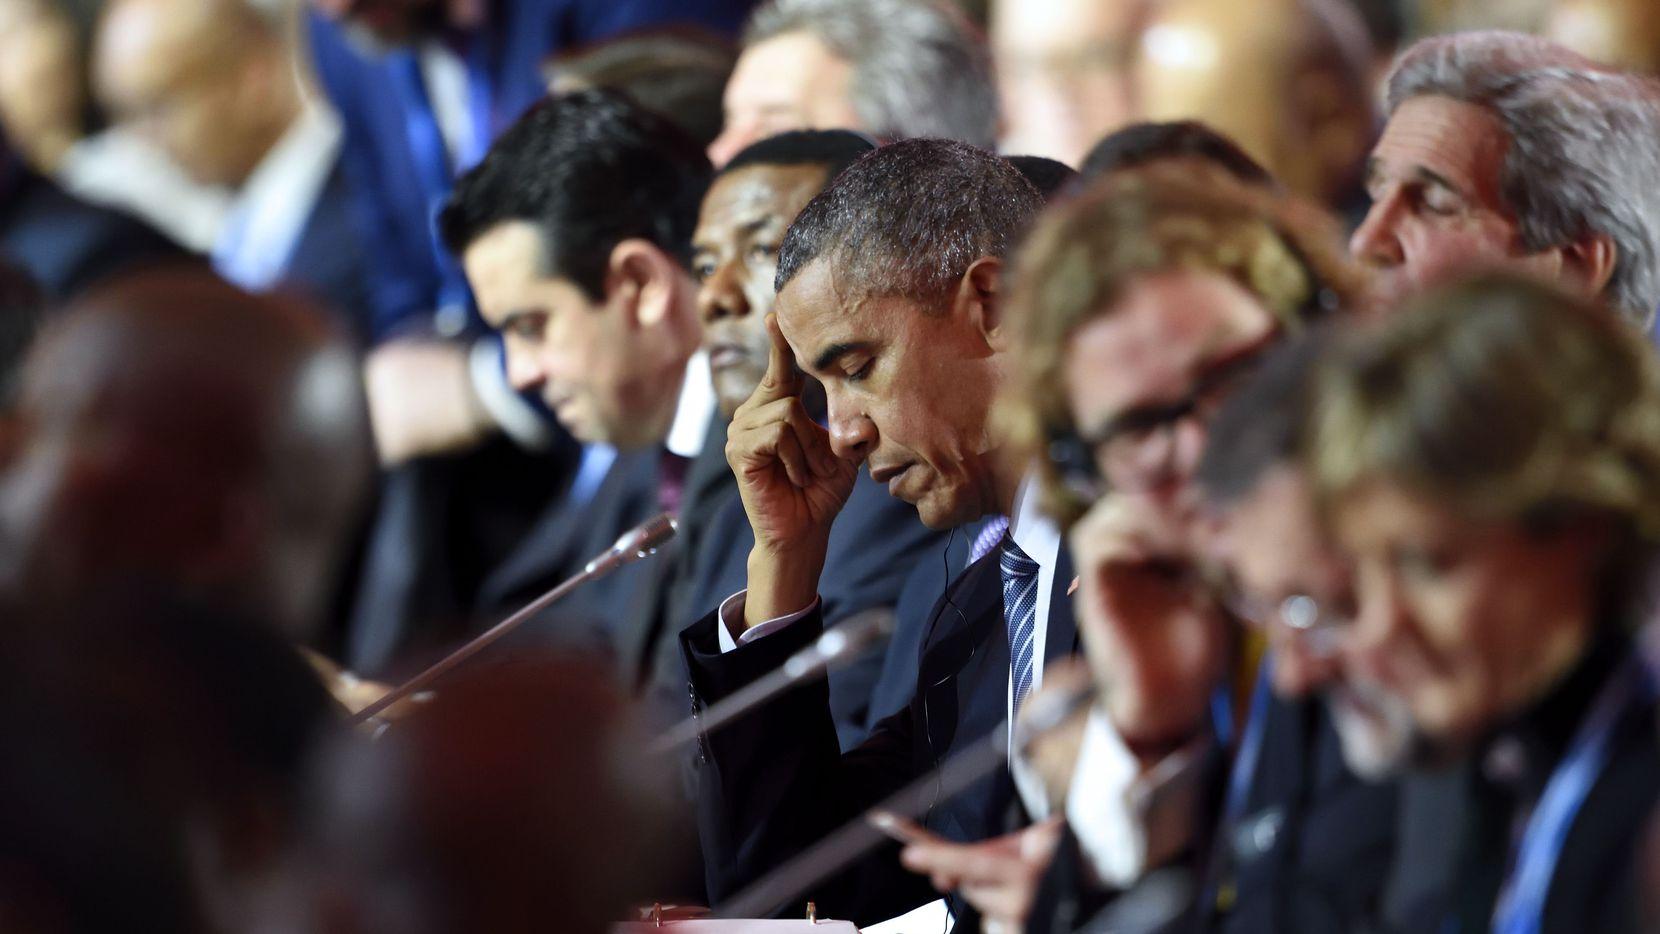 El presidente Barack Obama durante una de las sesiones plenarias de las XXI Conferencia Internacional sobre Cambio Climático que comenzó el lunes, 30 de noviembre.  (AFP/Getty Images)